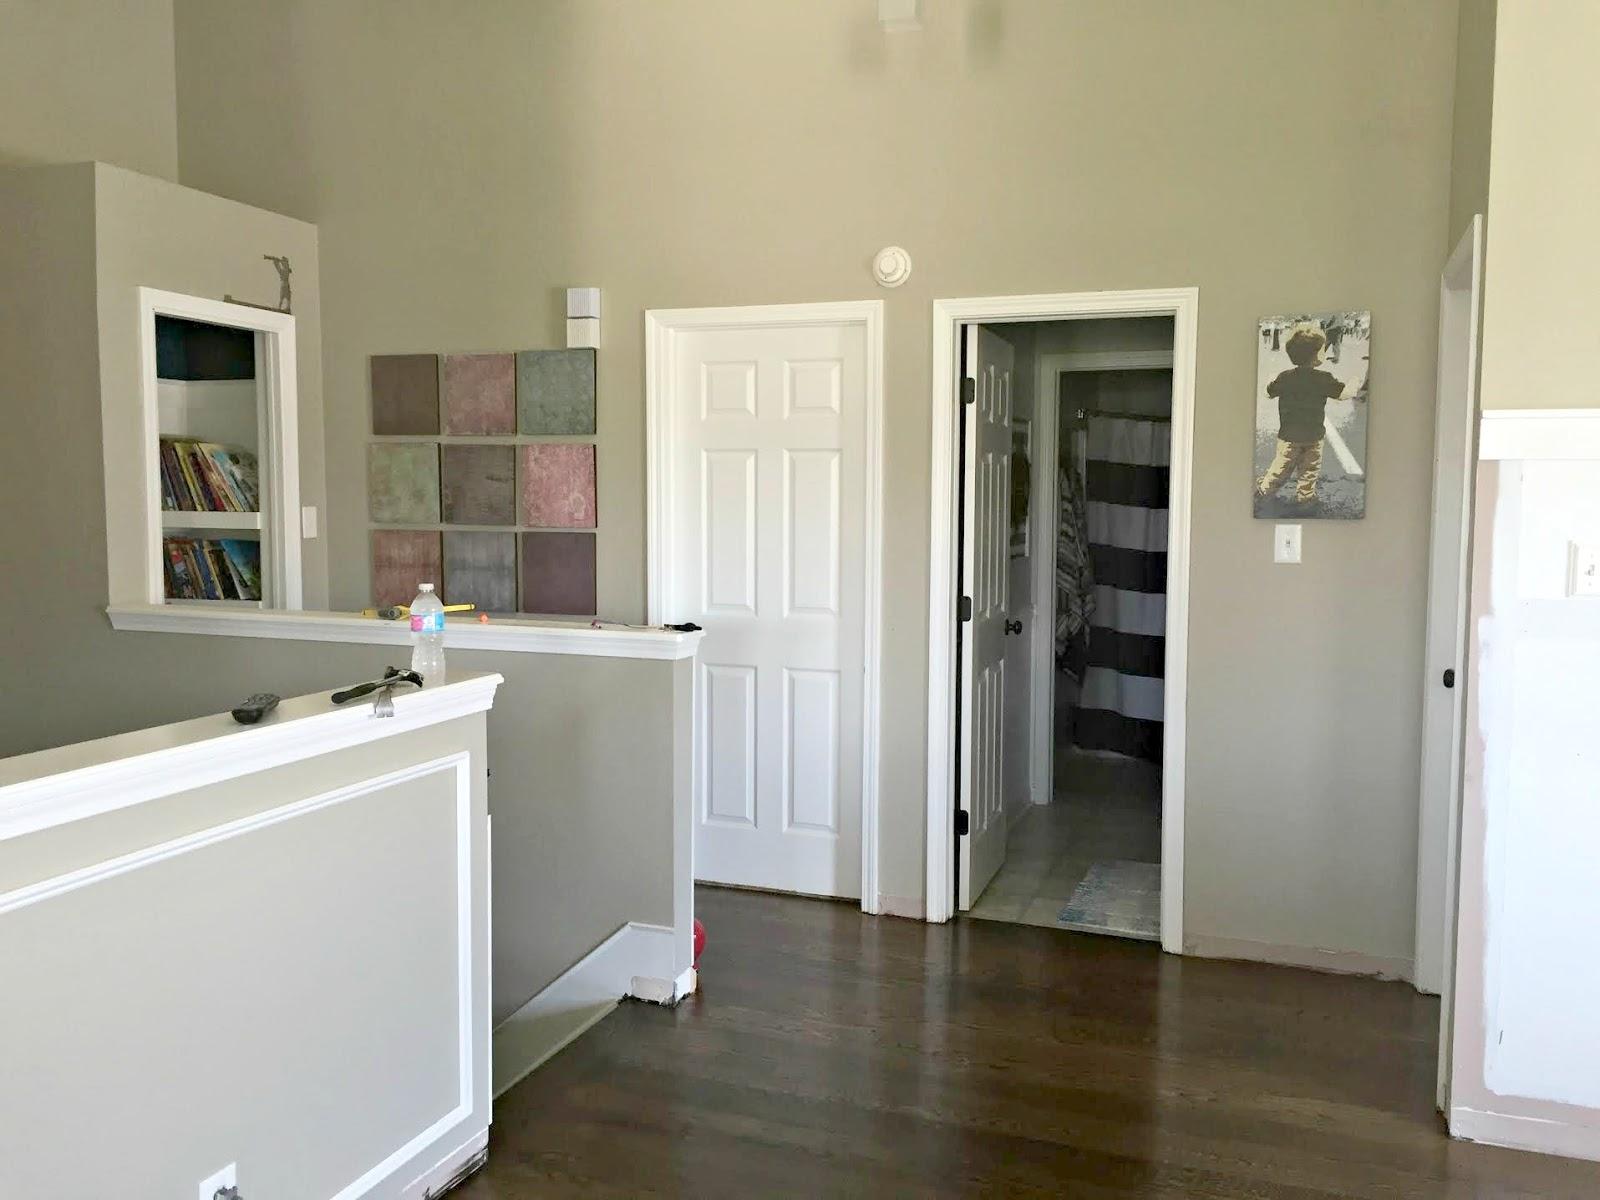 open loft hallway with doors